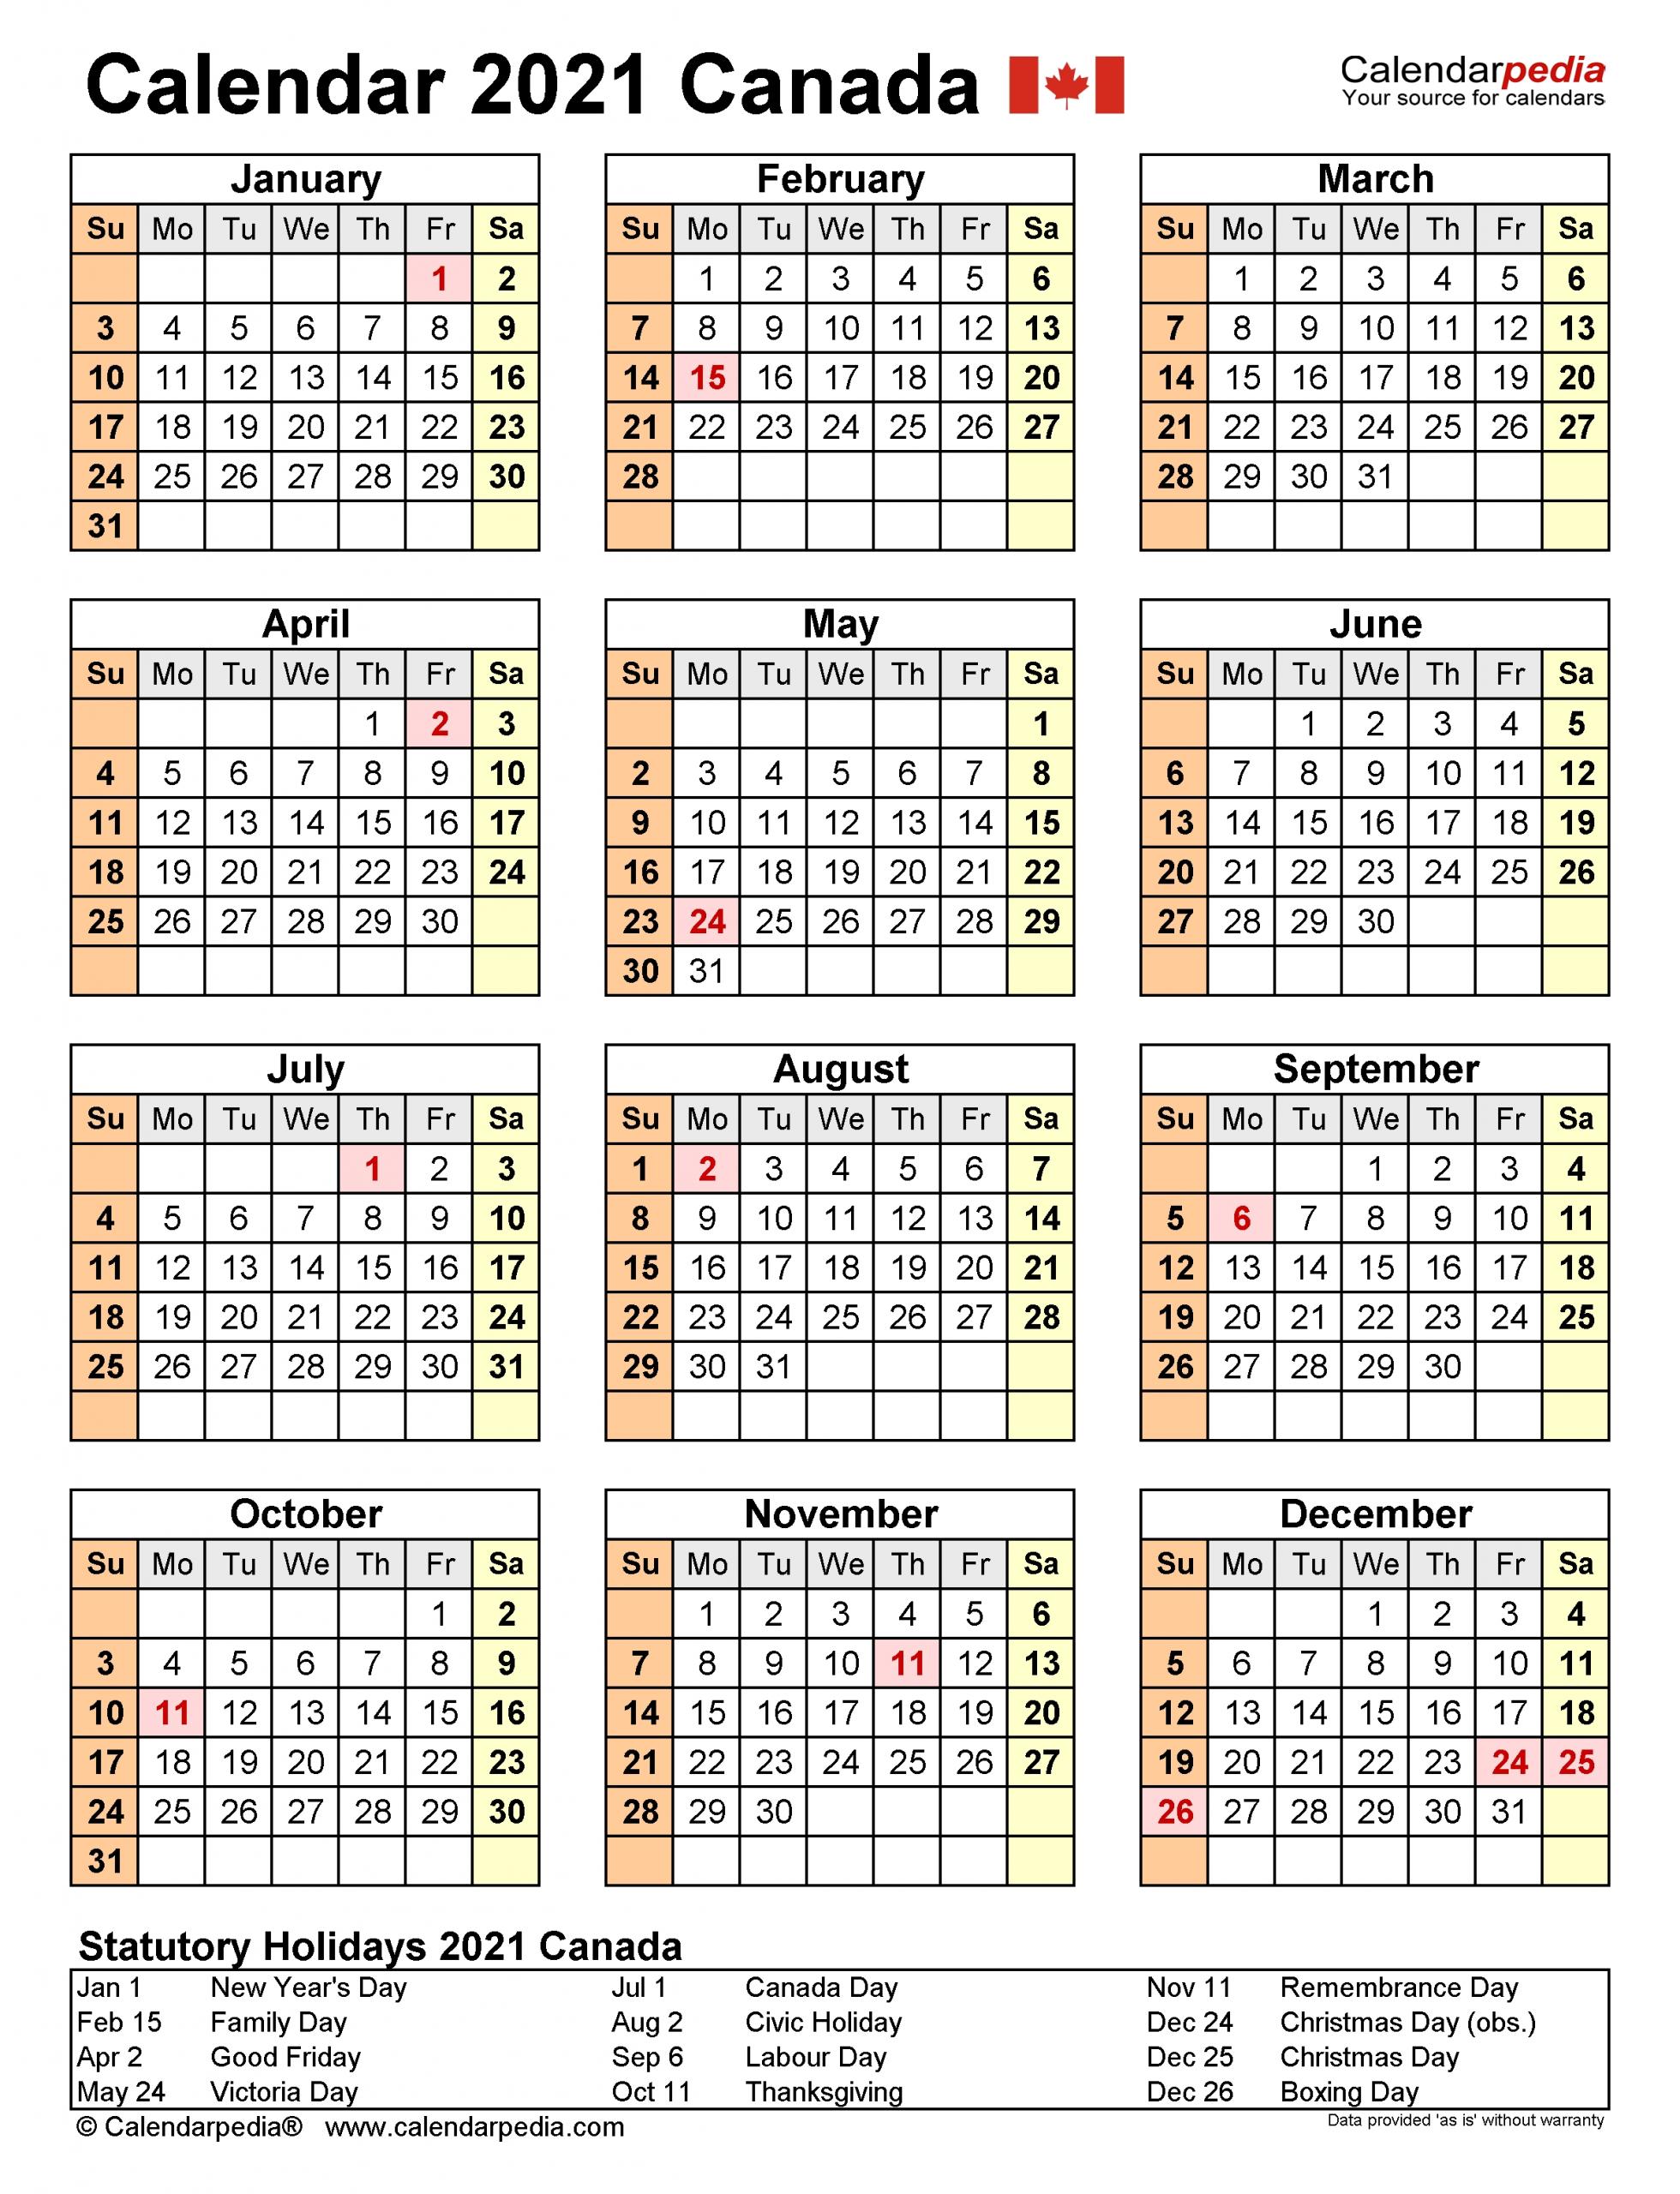 Canada Calendar 2021 - Free Printable Pdf Templates-4 Inch By 7 Inch 2021 .Pdf Calendar